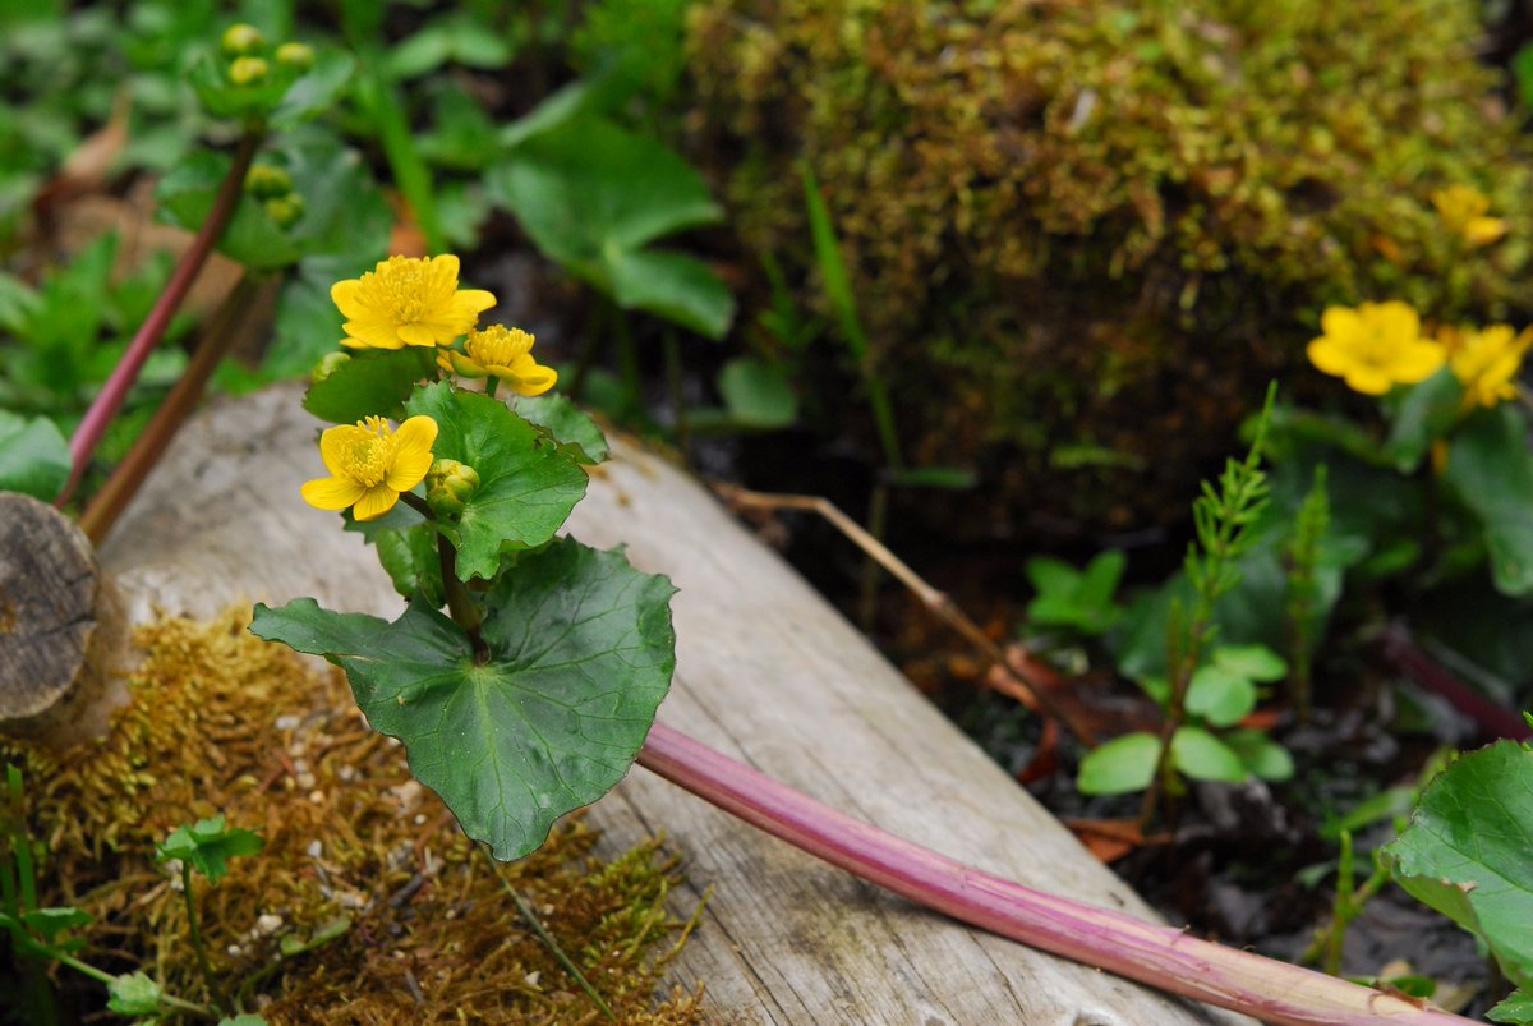 開園86周年を迎える六甲高山植物園、昭和天皇に献上された花「エンコウソウ」が見頃